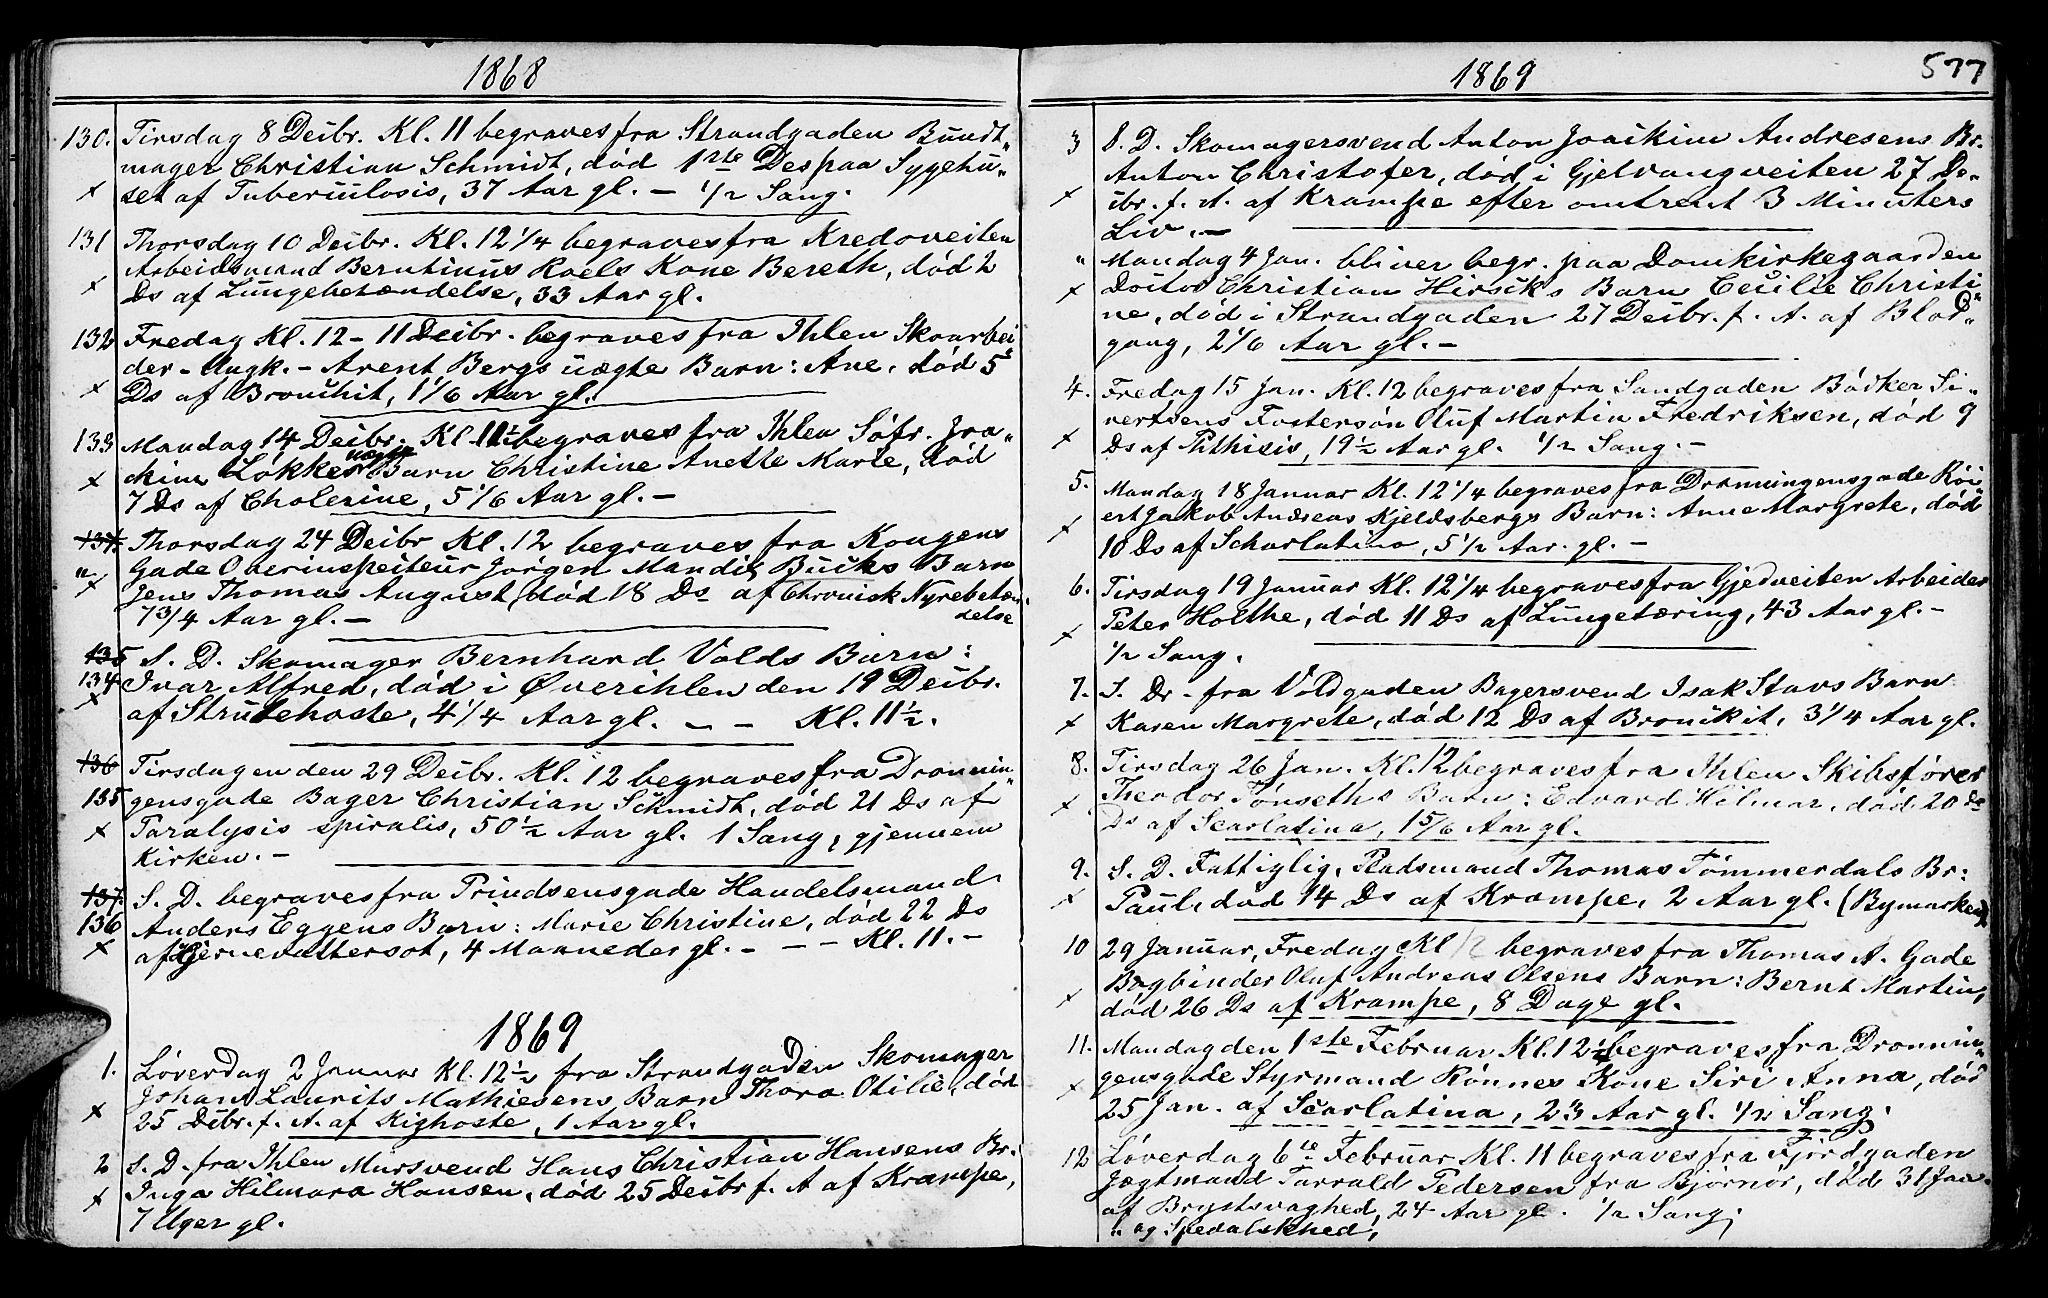 SAT, Ministerialprotokoller, klokkerbøker og fødselsregistre - Sør-Trøndelag, 602/L0140: Klokkerbok nr. 602C08, 1864-1872, s. 576-577